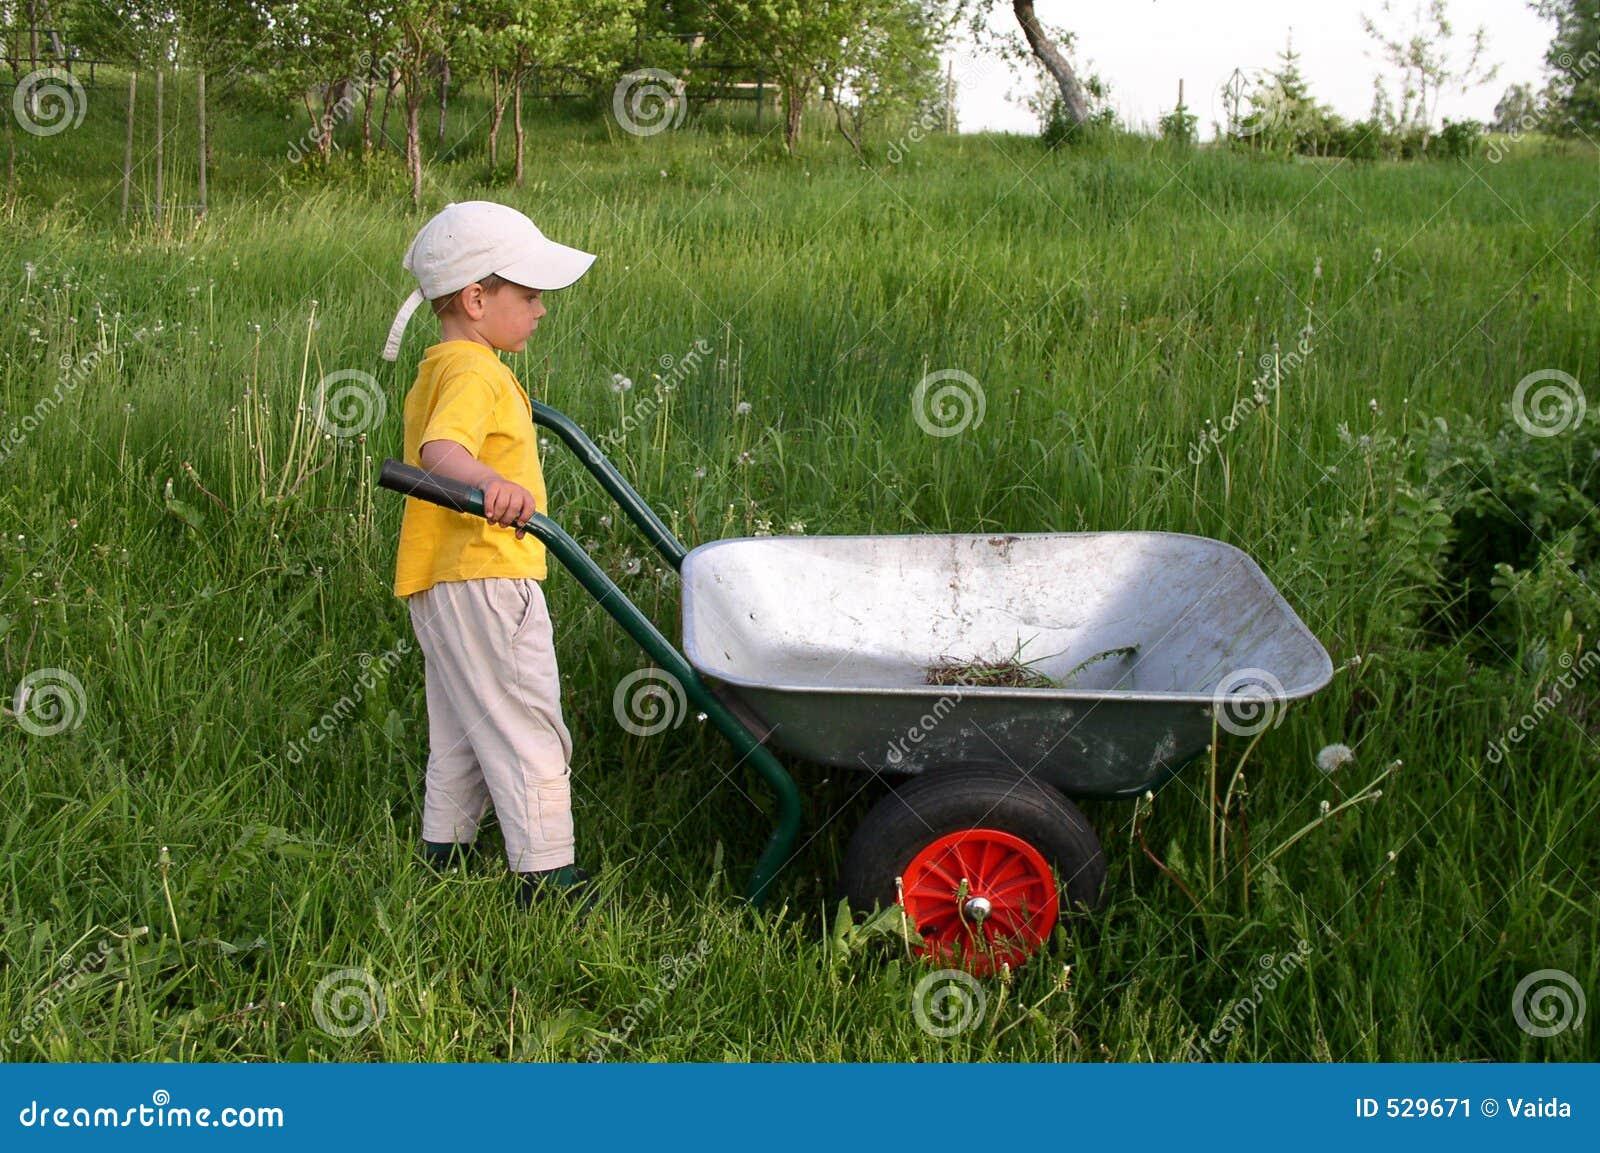 Download 孩子工作 库存图片. 图片 包括有 手推车, 工具, 问题的, 农村, 工作, 人们, 草甸, 男朋友, 孩子 - 529671